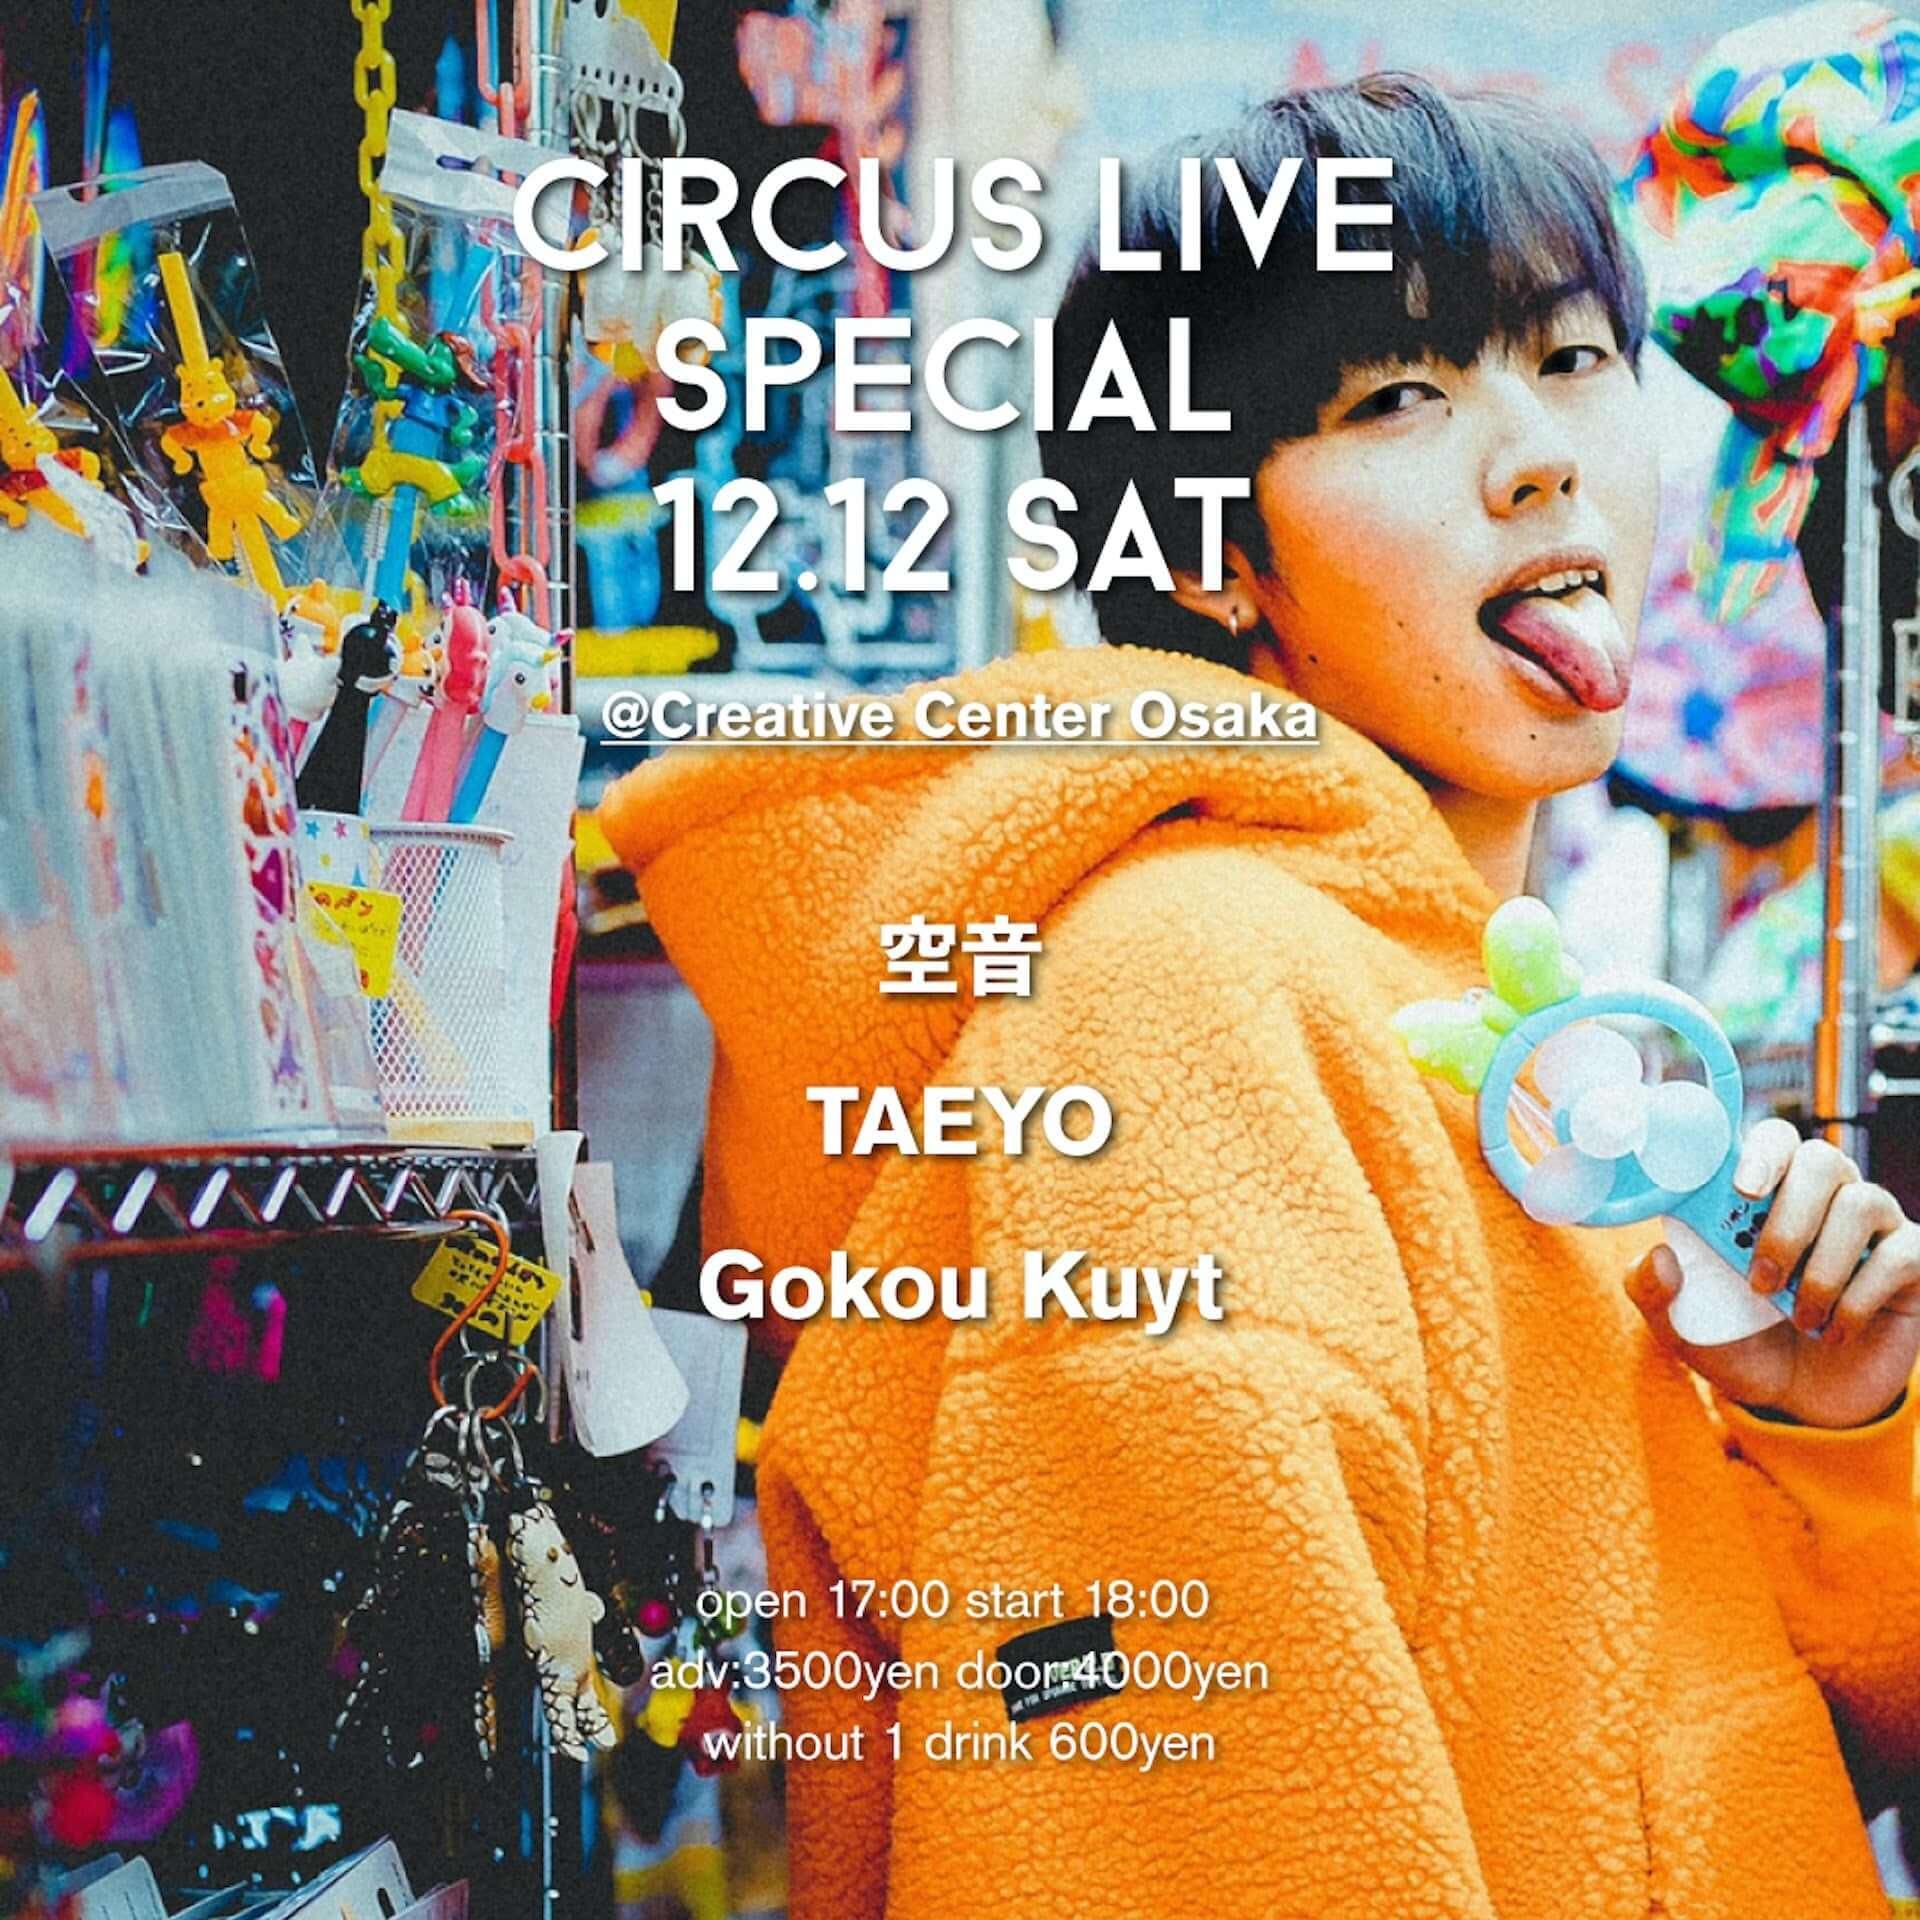 空音、TAEYO、Gokou Kuytによるスリーマンライブがクリエイティブセンター大阪で開催決定!先行先着チケットも発売 music201109_circus-live_1-1920x1920